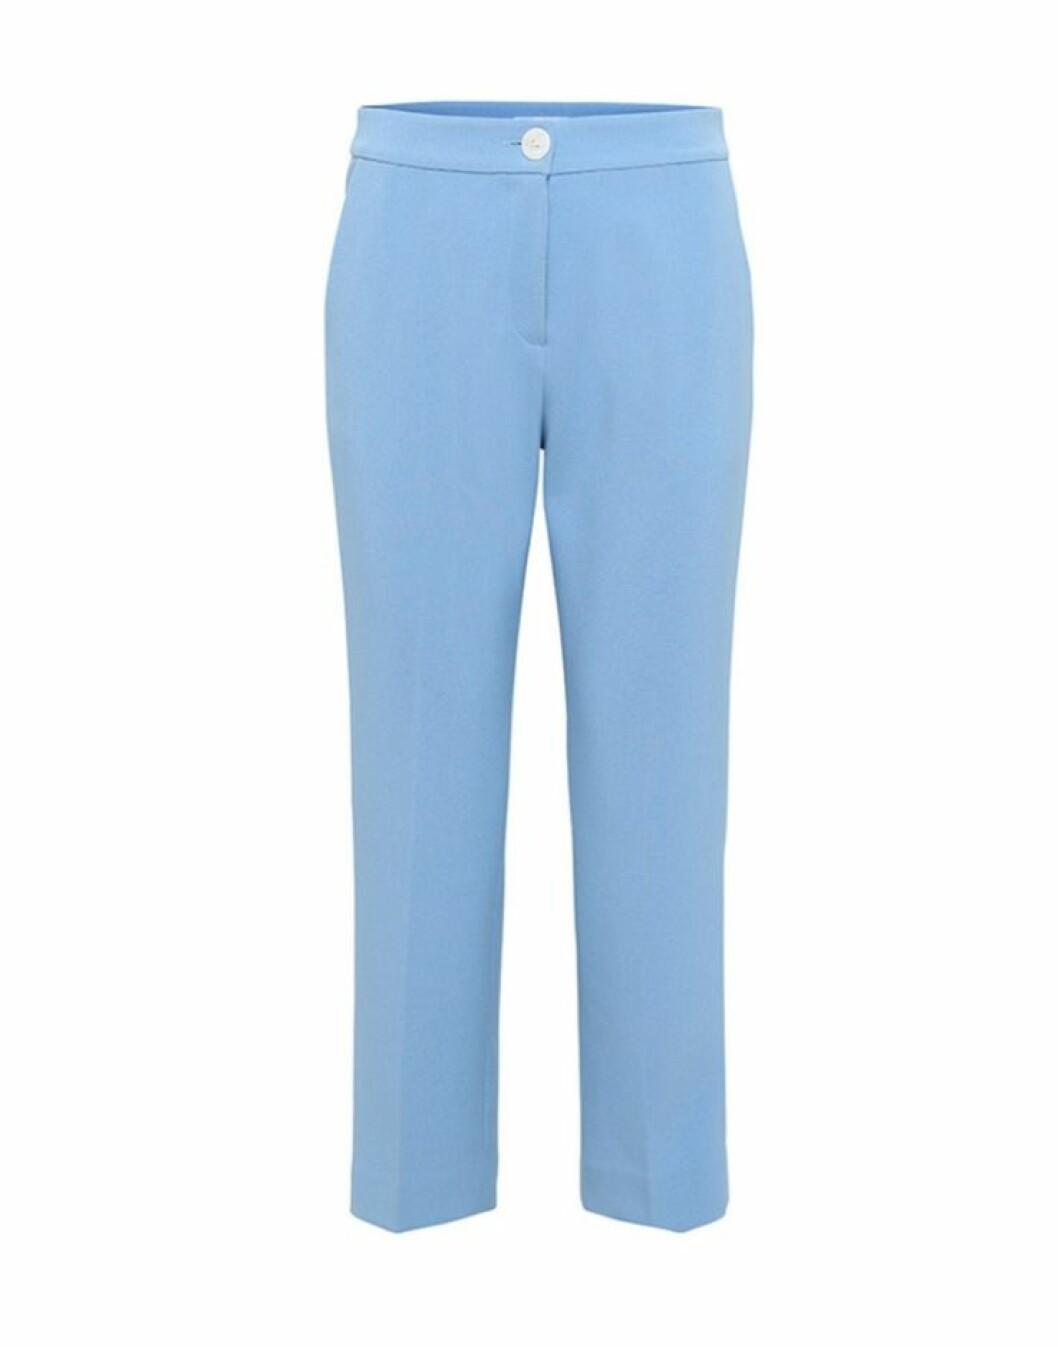 Blå byxor till hösten 2018